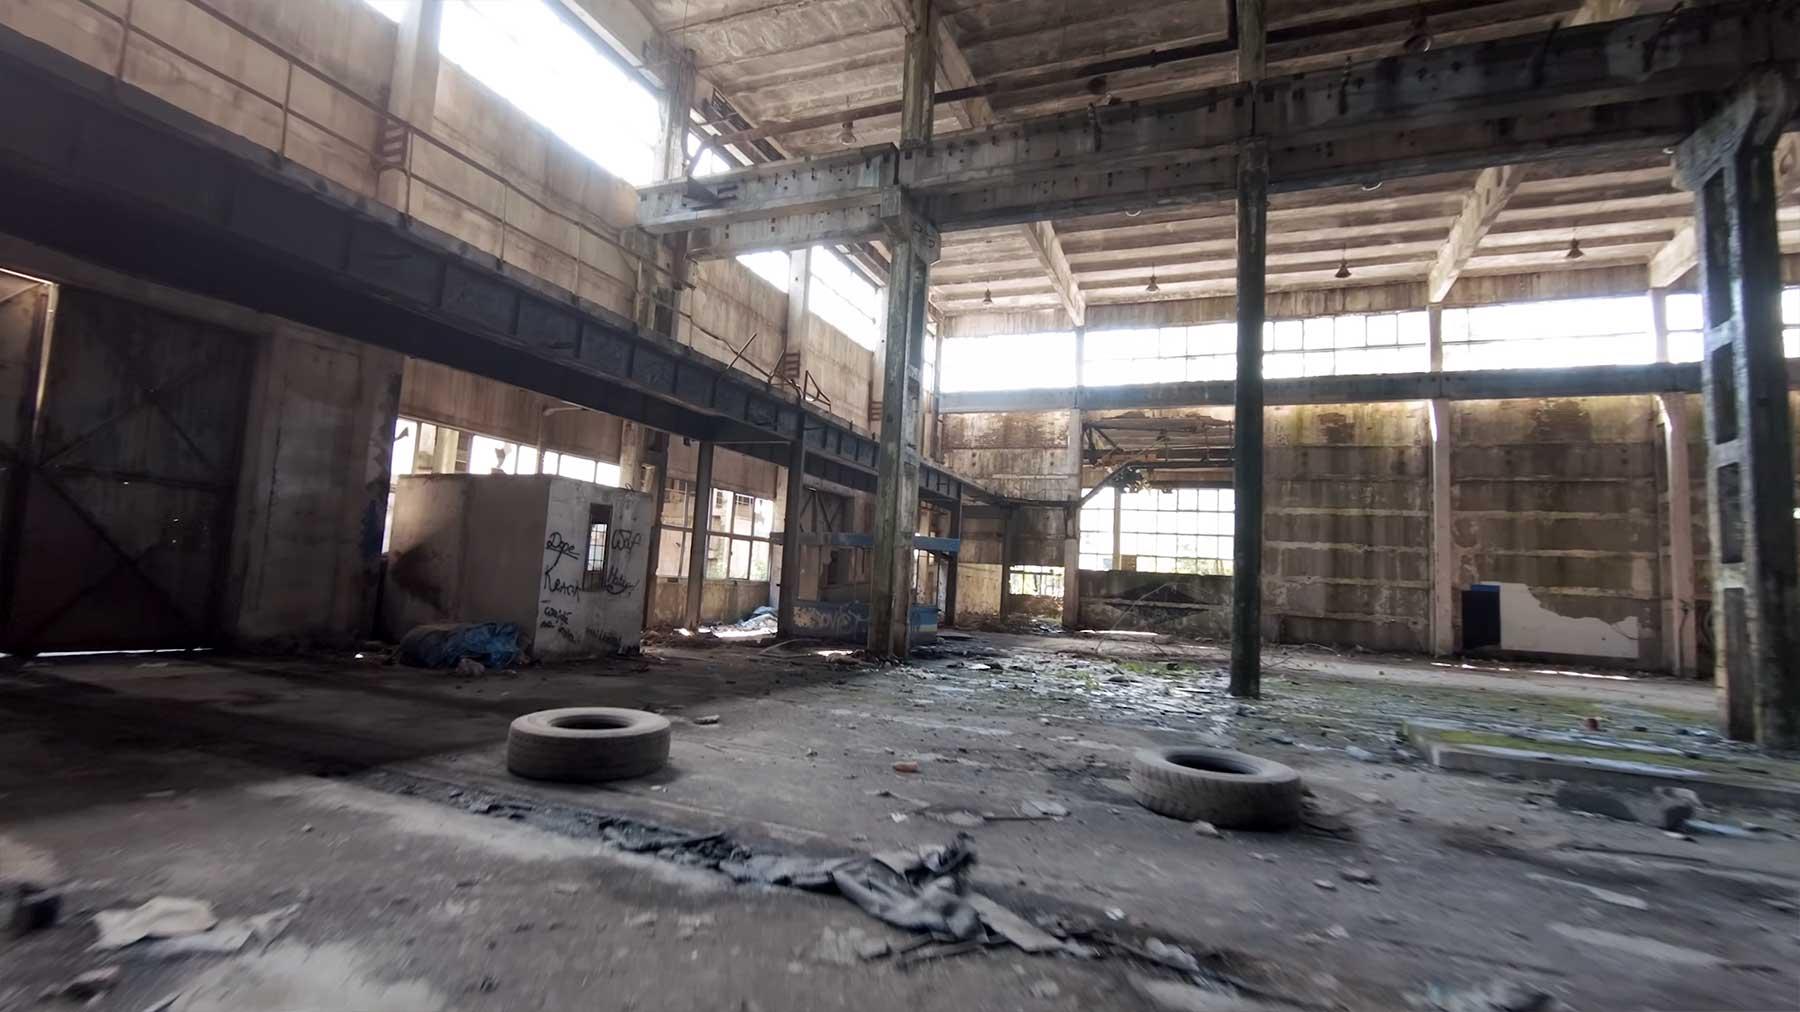 Mit der Drohne durch ein verlassenes Gebäude fliegen